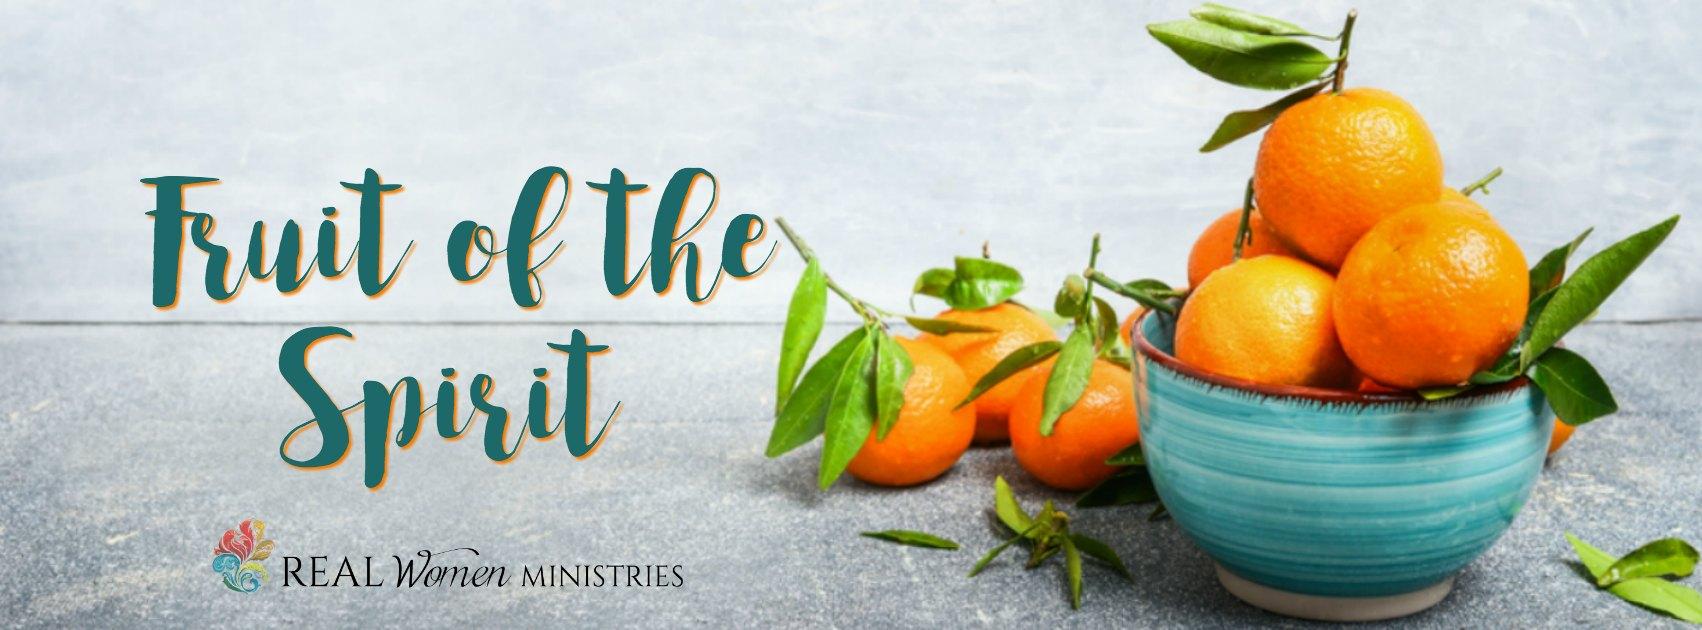 Fruit of the Spirit Banner